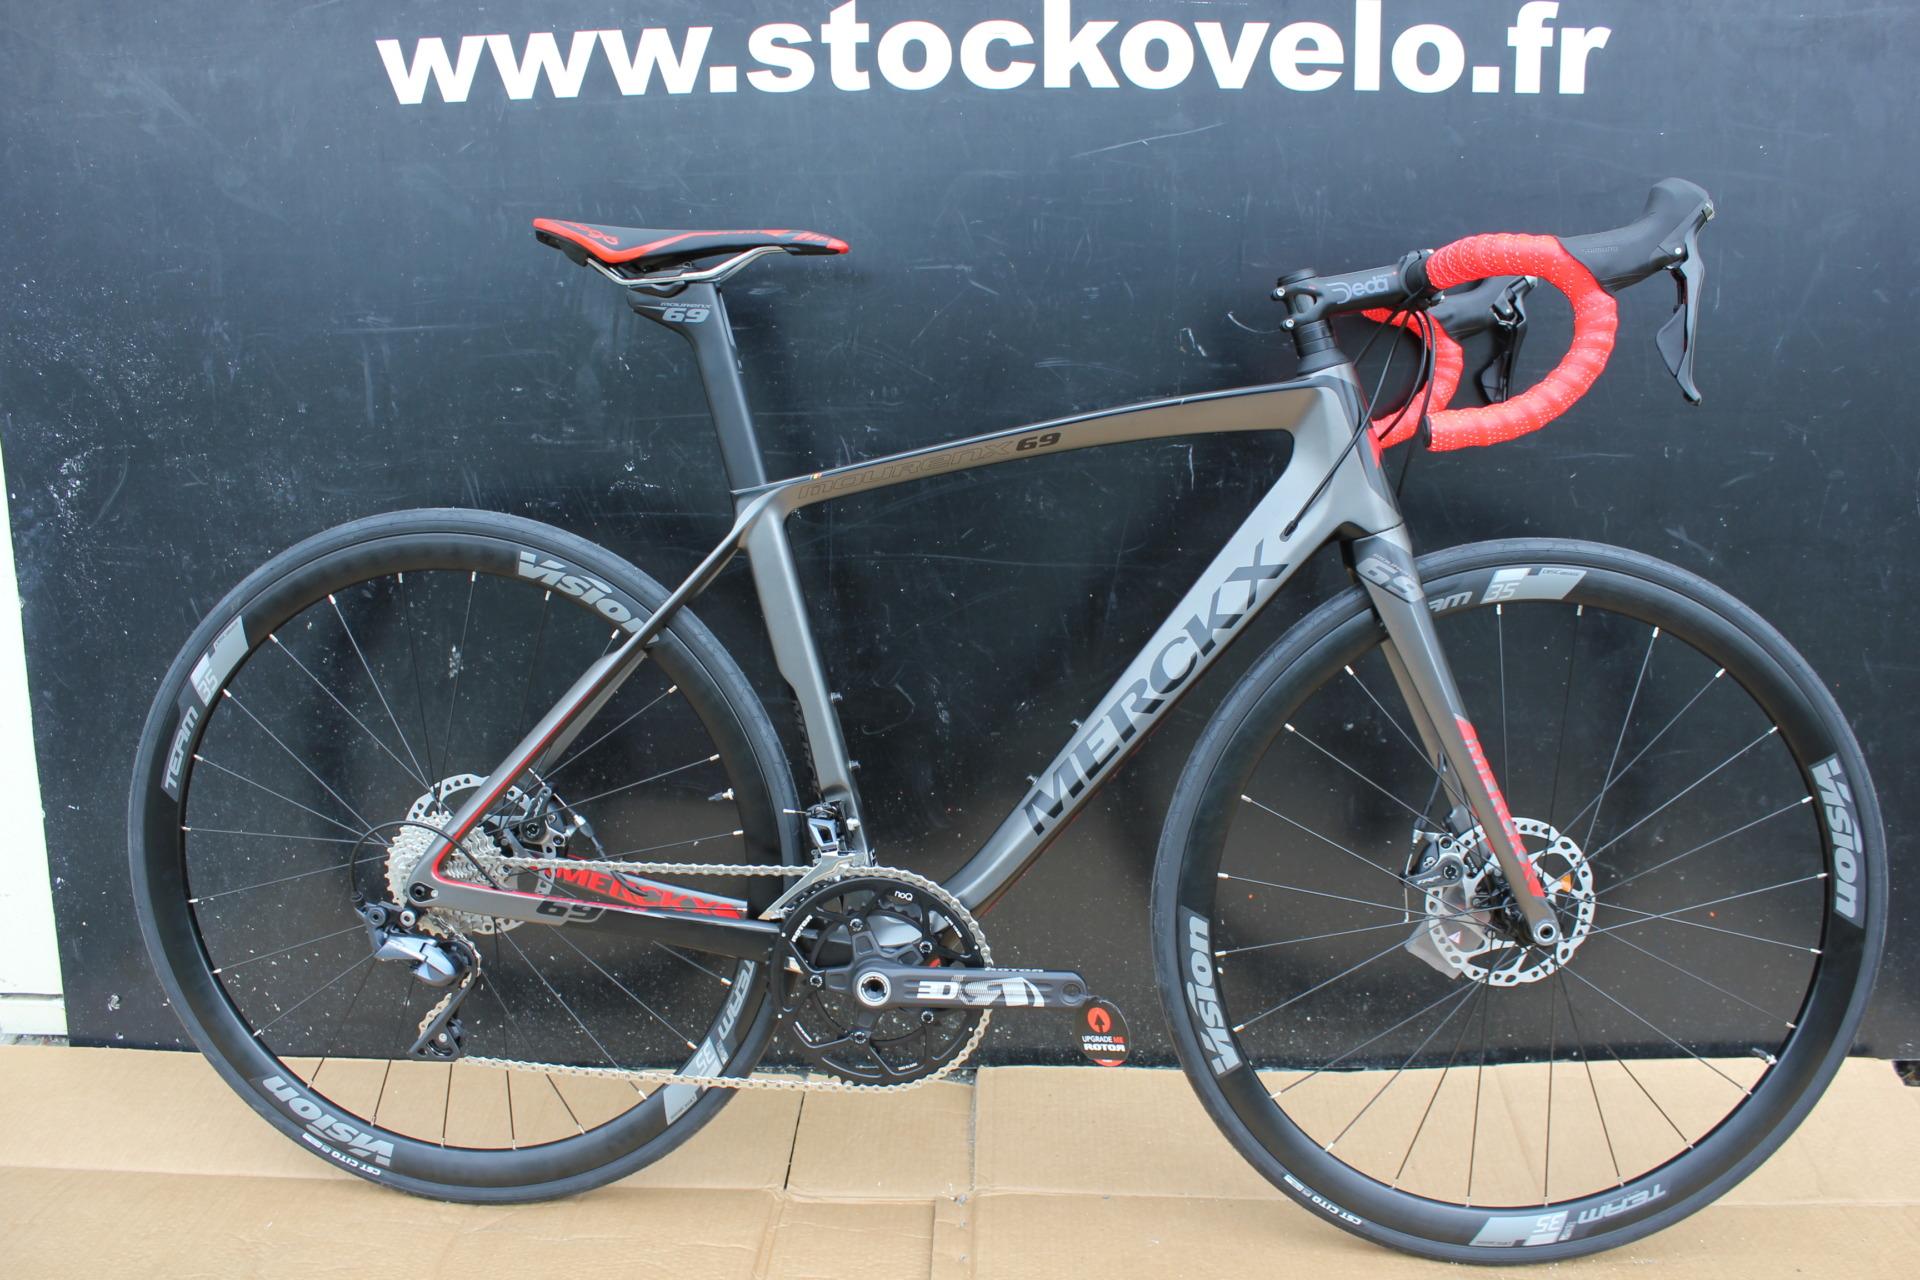 Vélo de course Eddy Merckx Mourenx 69 Disc - Shimano Ultégra Disc TRP 8000 11V (stockovelo.fr)